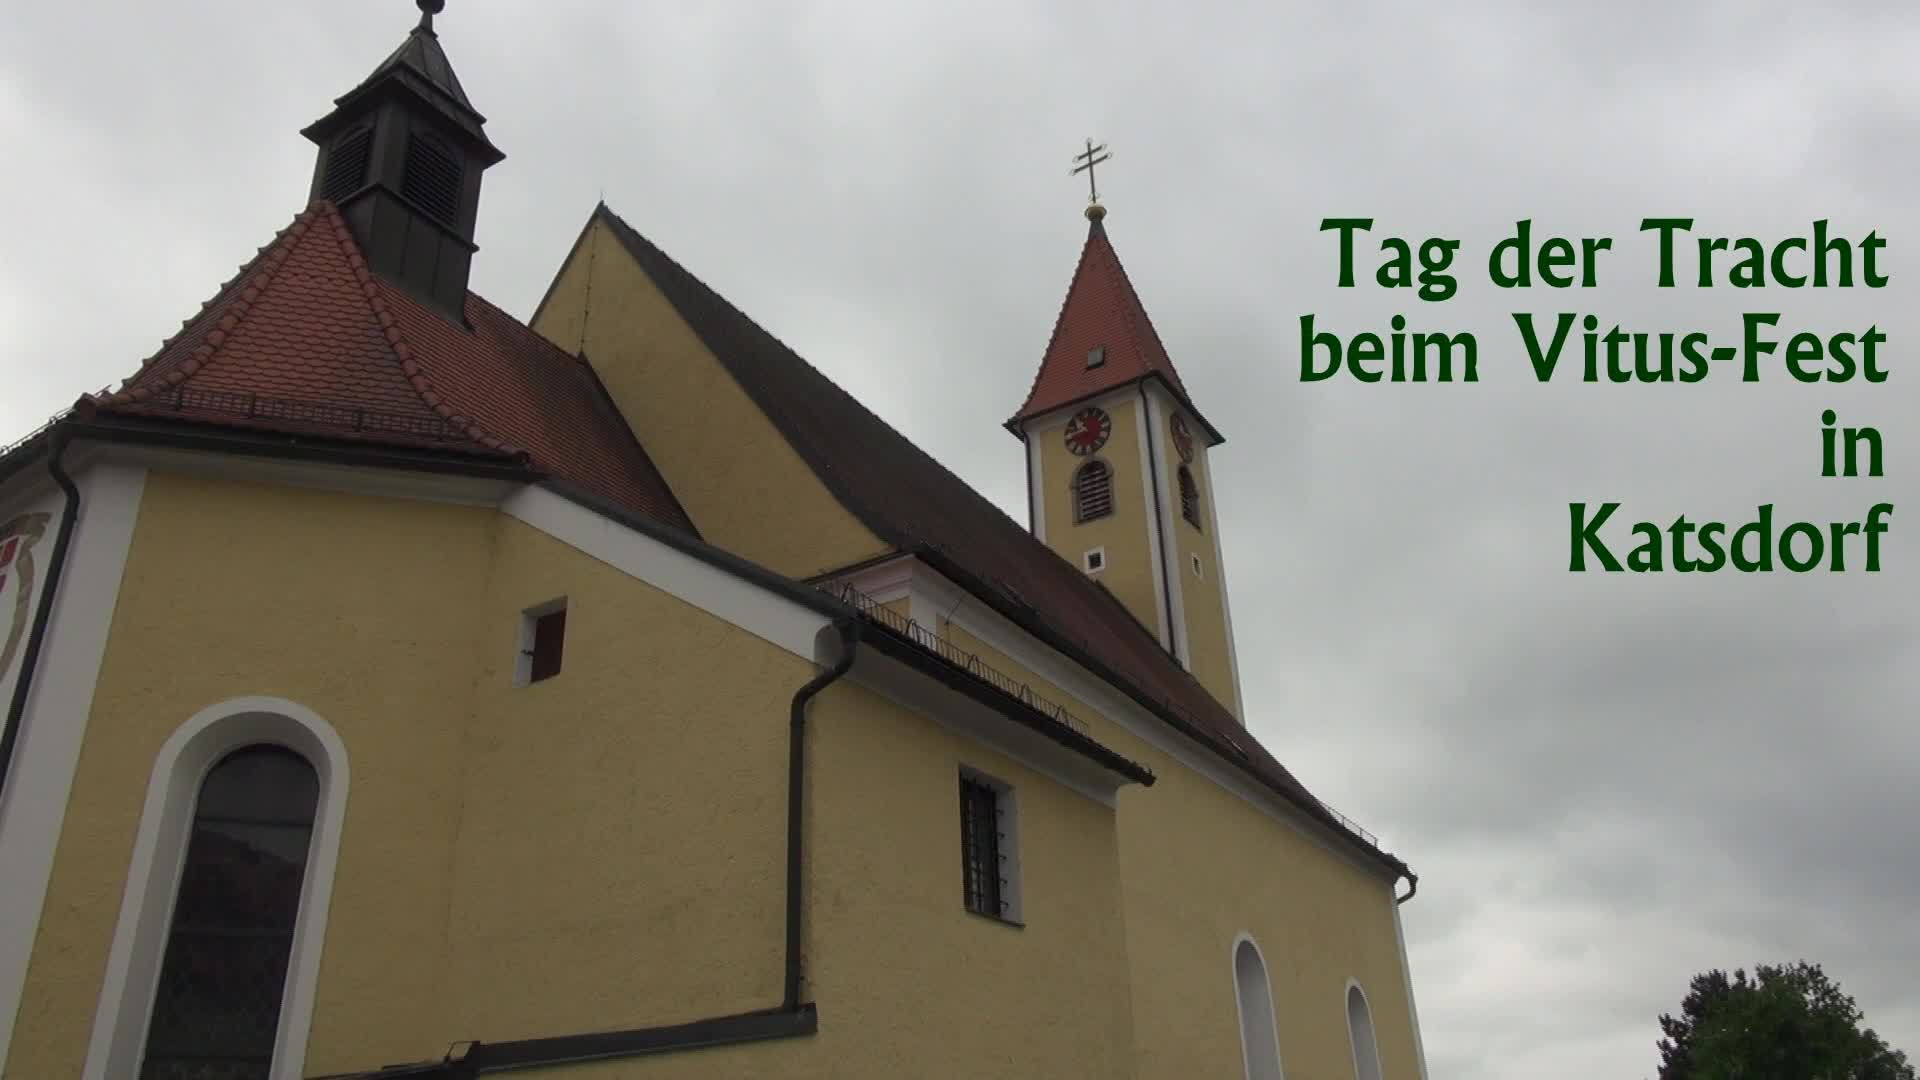 Tag der Tracht in Katsdorf